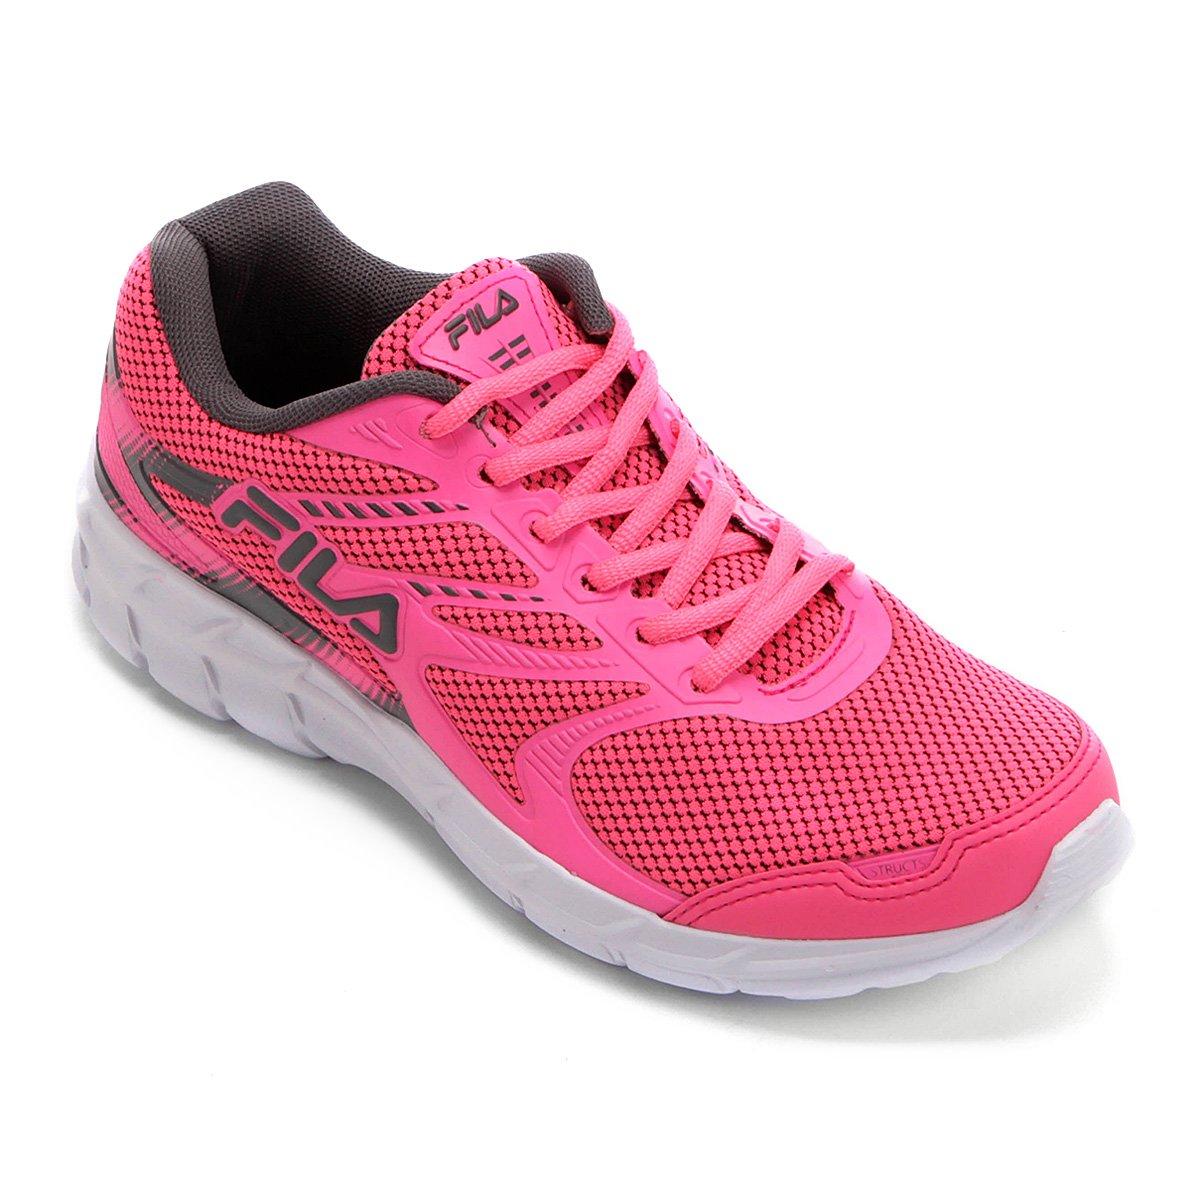 a28c3d8a6 Tênis Fila Structs Feminino - Pink e Branco - Compre Agora